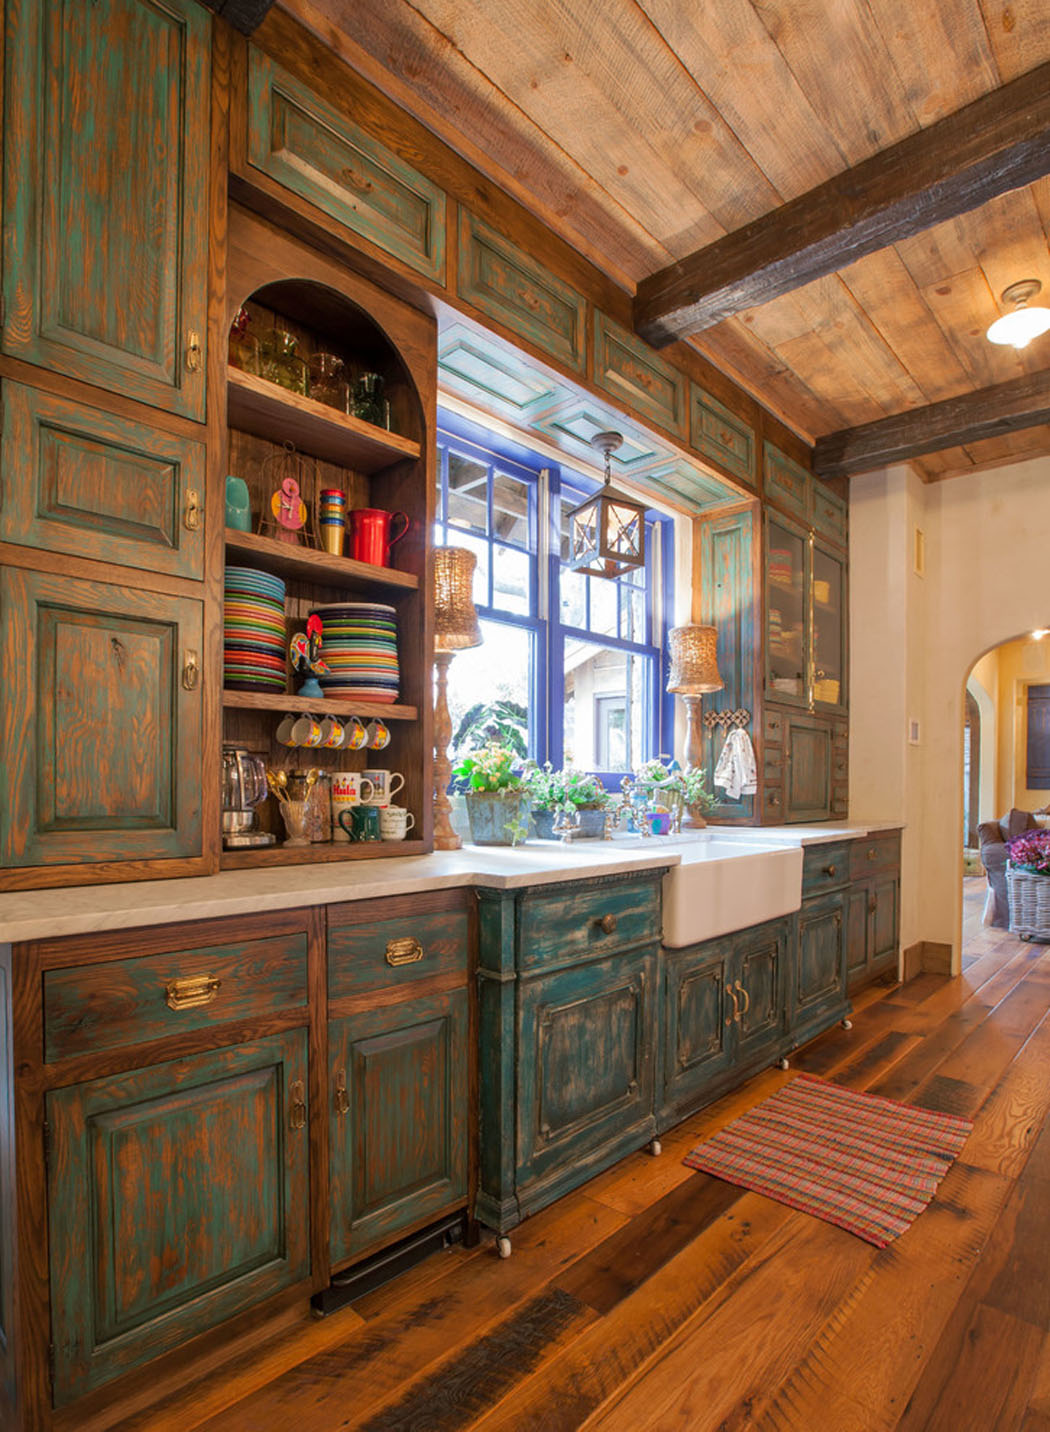 maison rustique l int rieur en bois et ambiance bien conviviale vivons maison. Black Bedroom Furniture Sets. Home Design Ideas